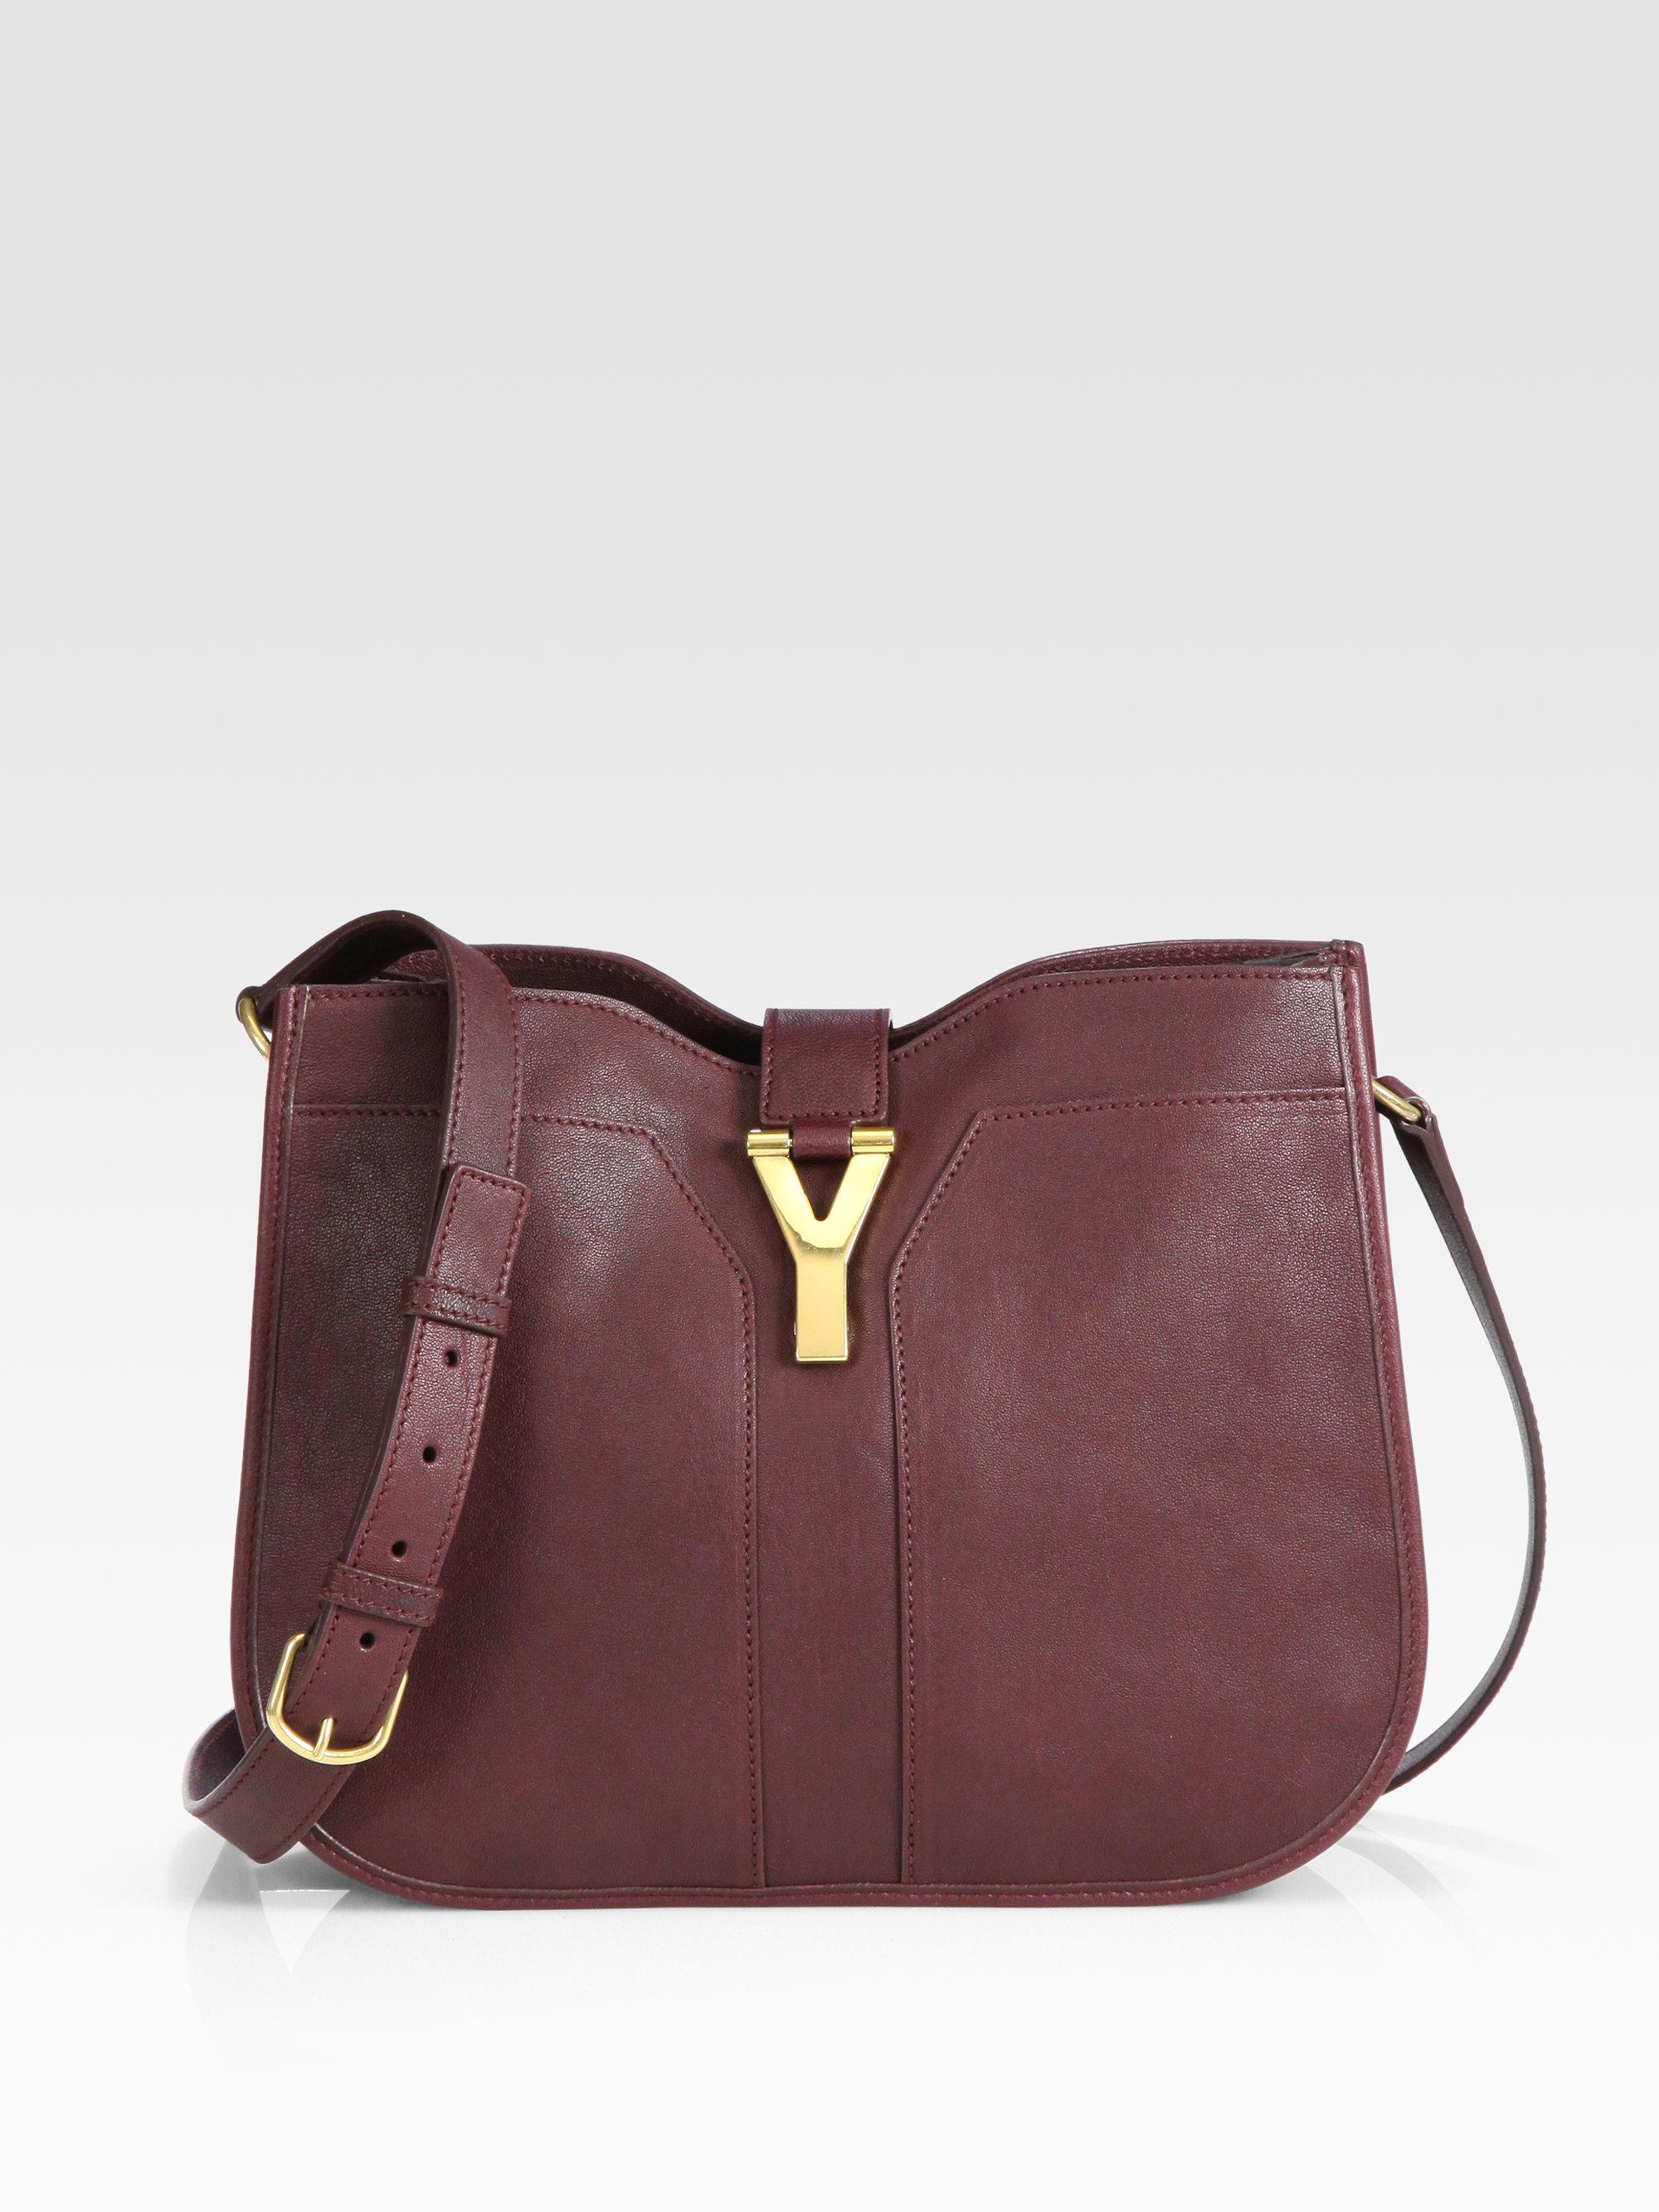 ysl chyc flap shoulder bag